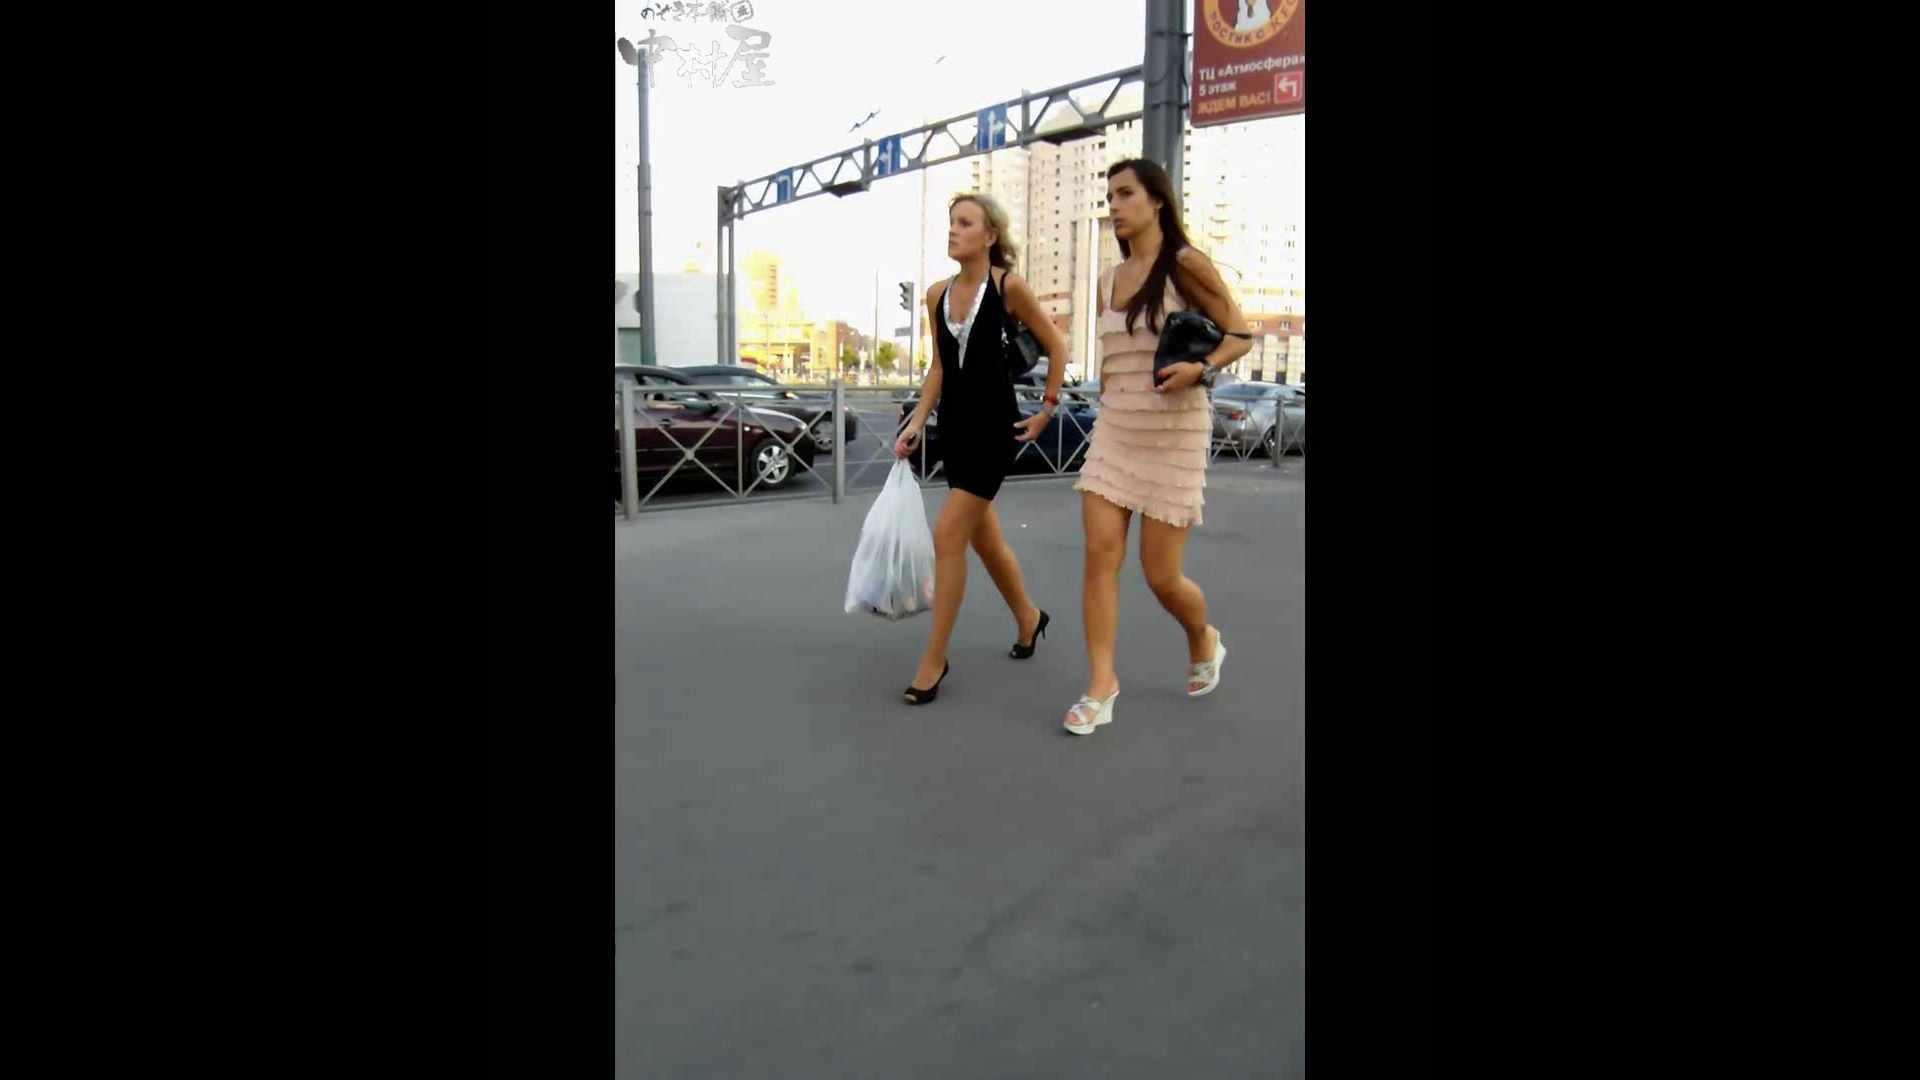 綺麗なモデルさんのスカート捲っちゃおう‼ vol20 お姉さんのエロ動画  83PIX 22